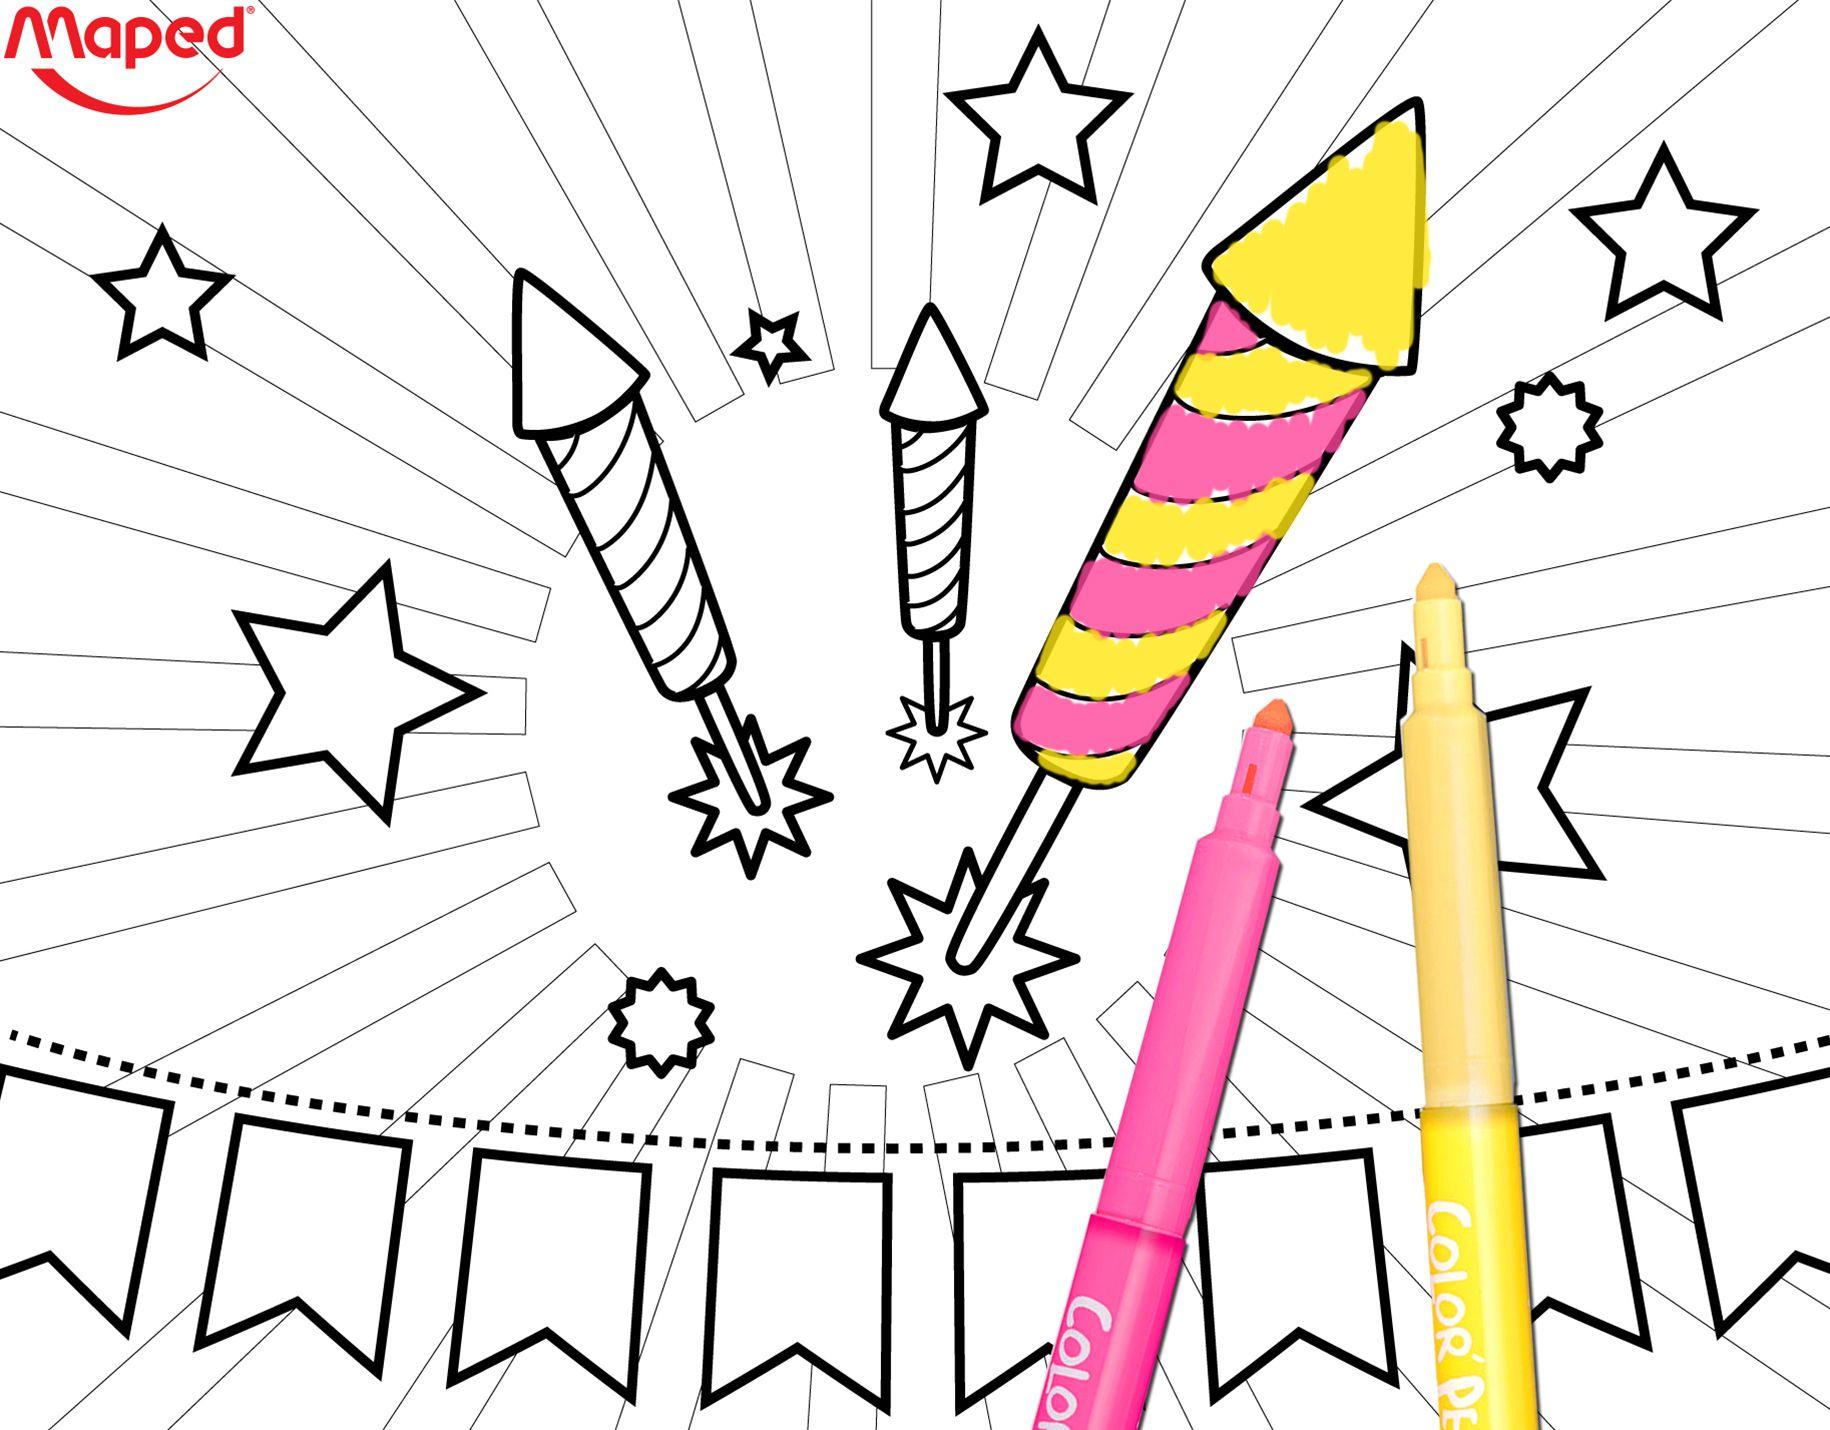 A venir t l charger sur le blog de maped 14 juillet maped mapedcreatives coloriage - Dessin a telecharger ...